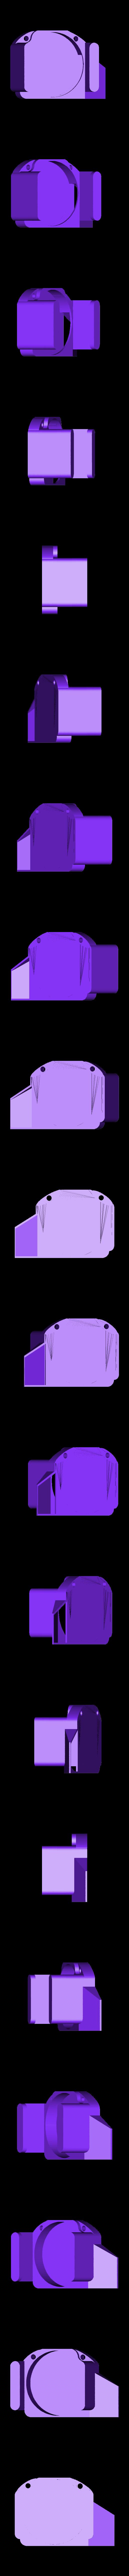 SlideOnLHSNozzleV4_repair.stl Télécharger fichier STL gratuit Wanhao D6 gauche glissant sur la buse de remixage • Plan à imprimer en 3D, pgraaff